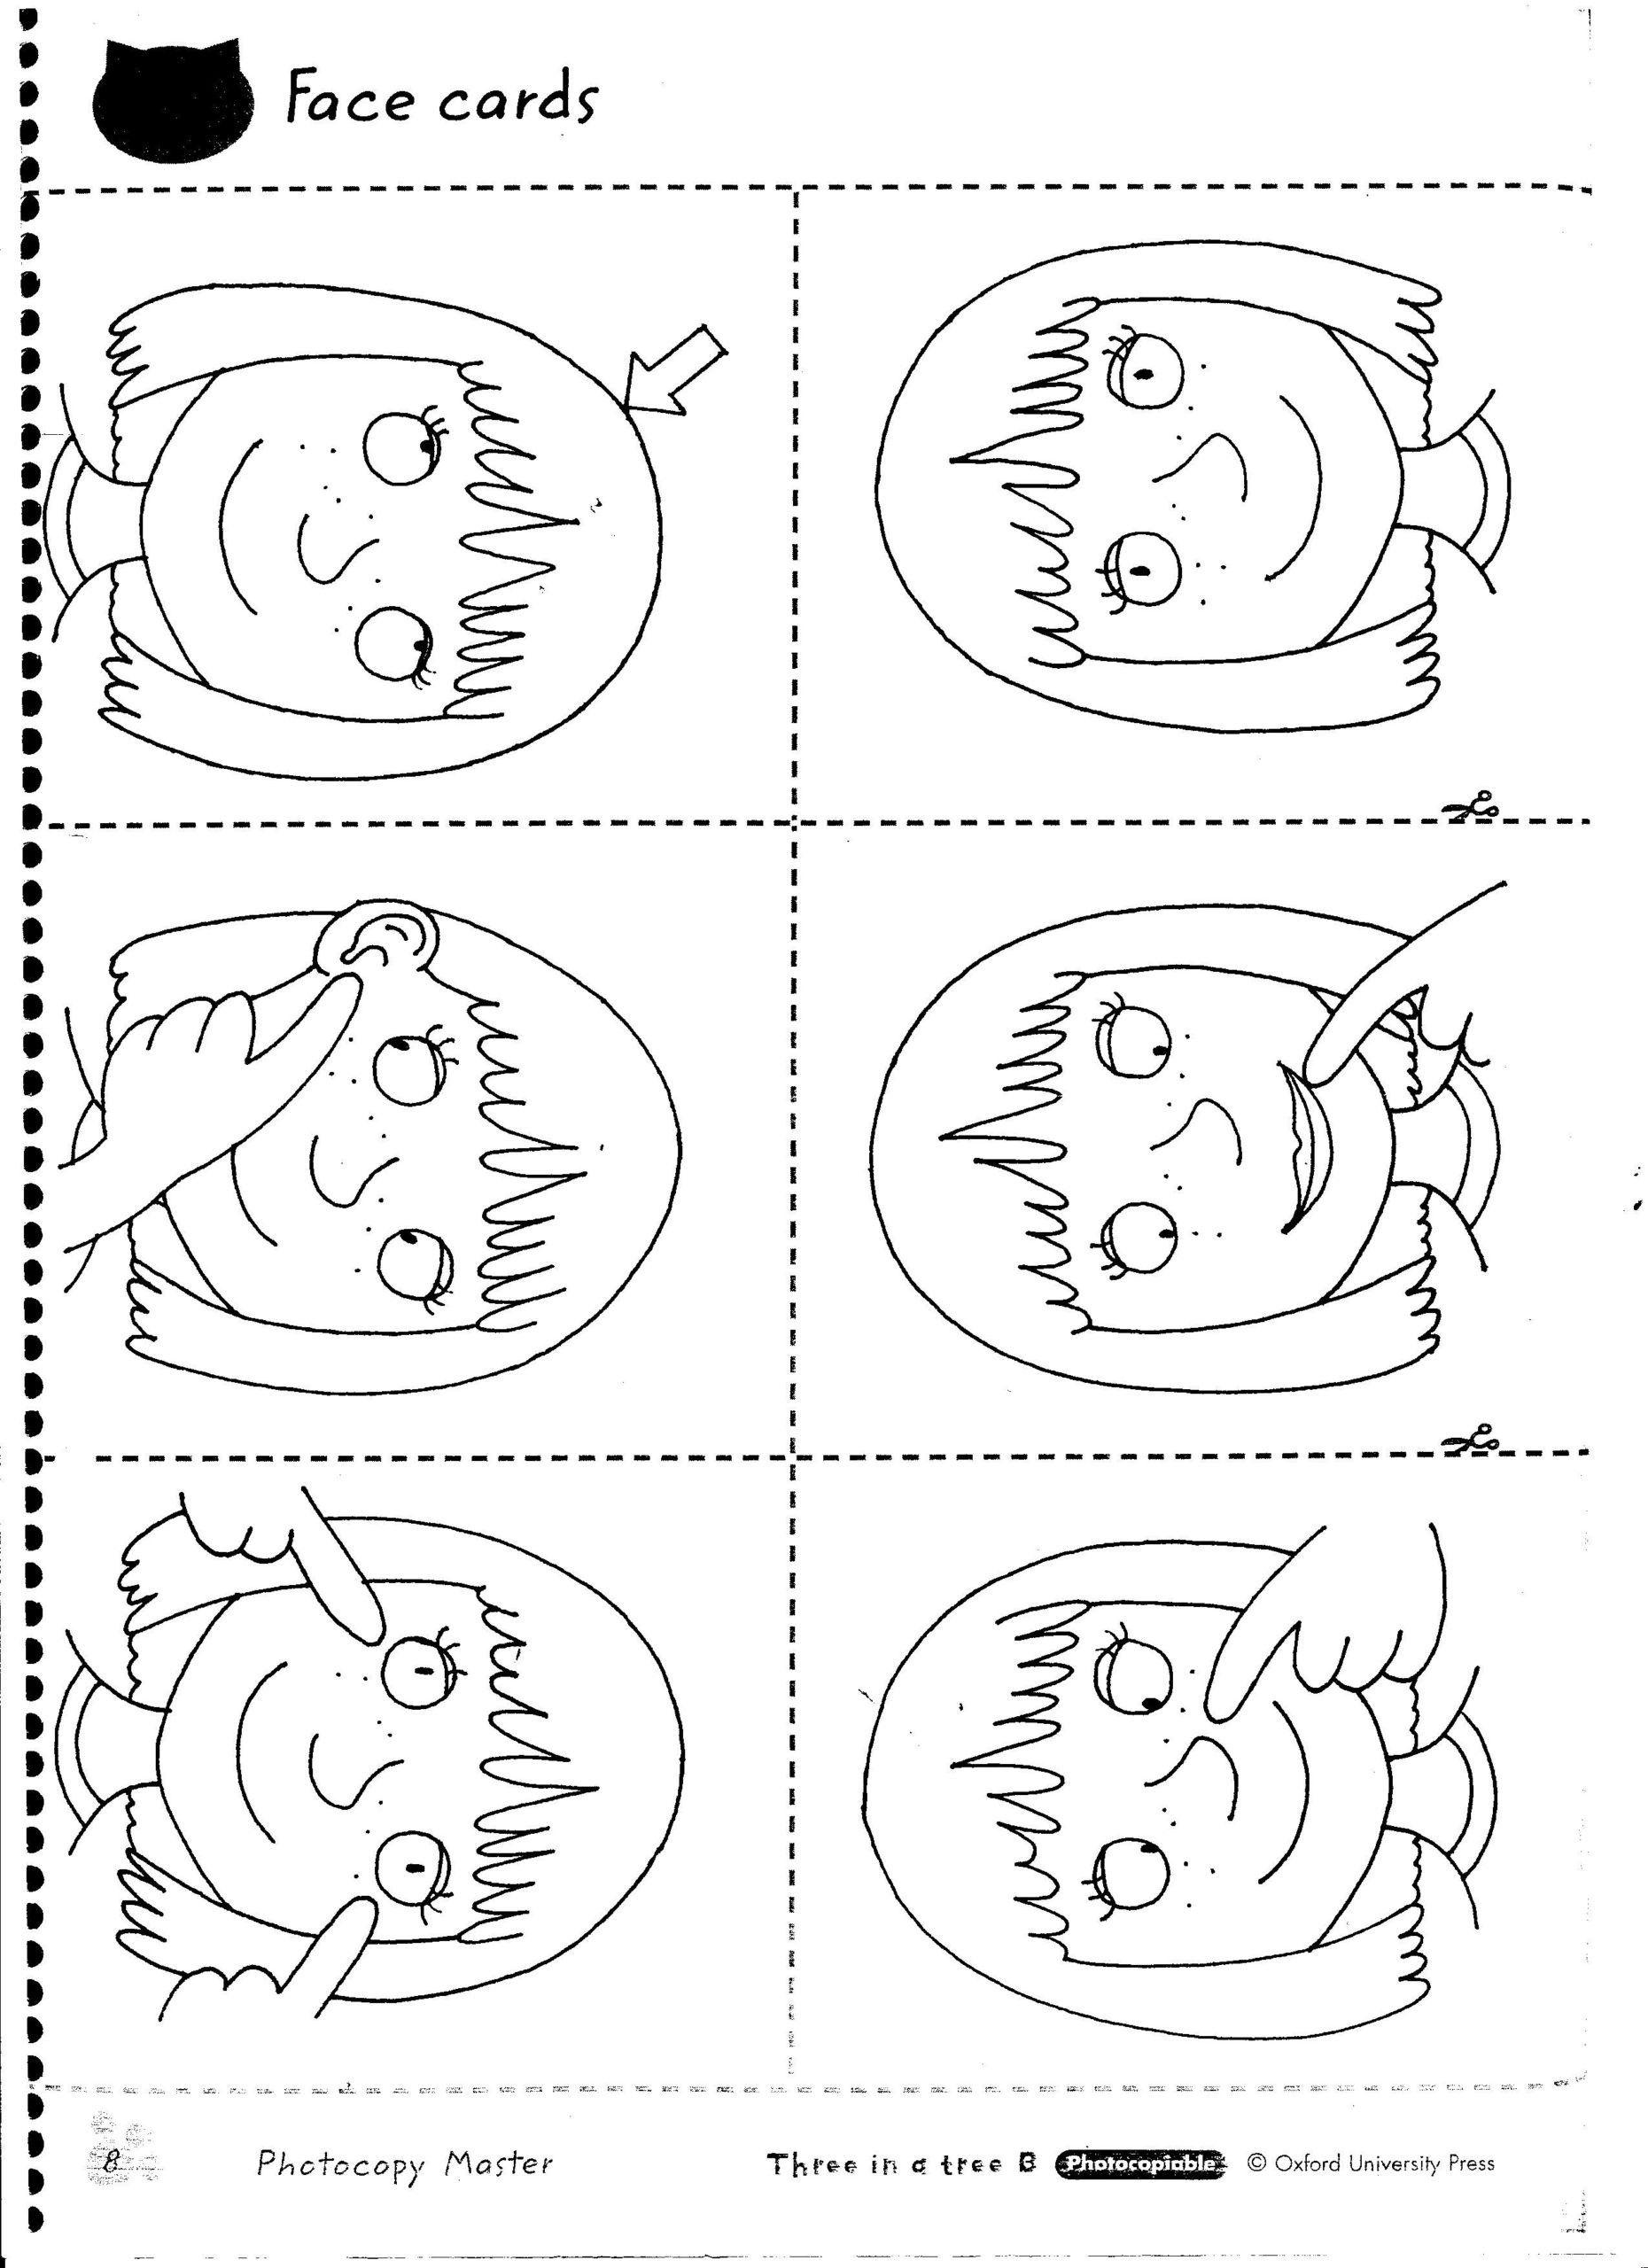 Kindergarten Science Worksheets In 2020 Social Studies Worksheets Kindergarten Worksheets Preschool Social Studies